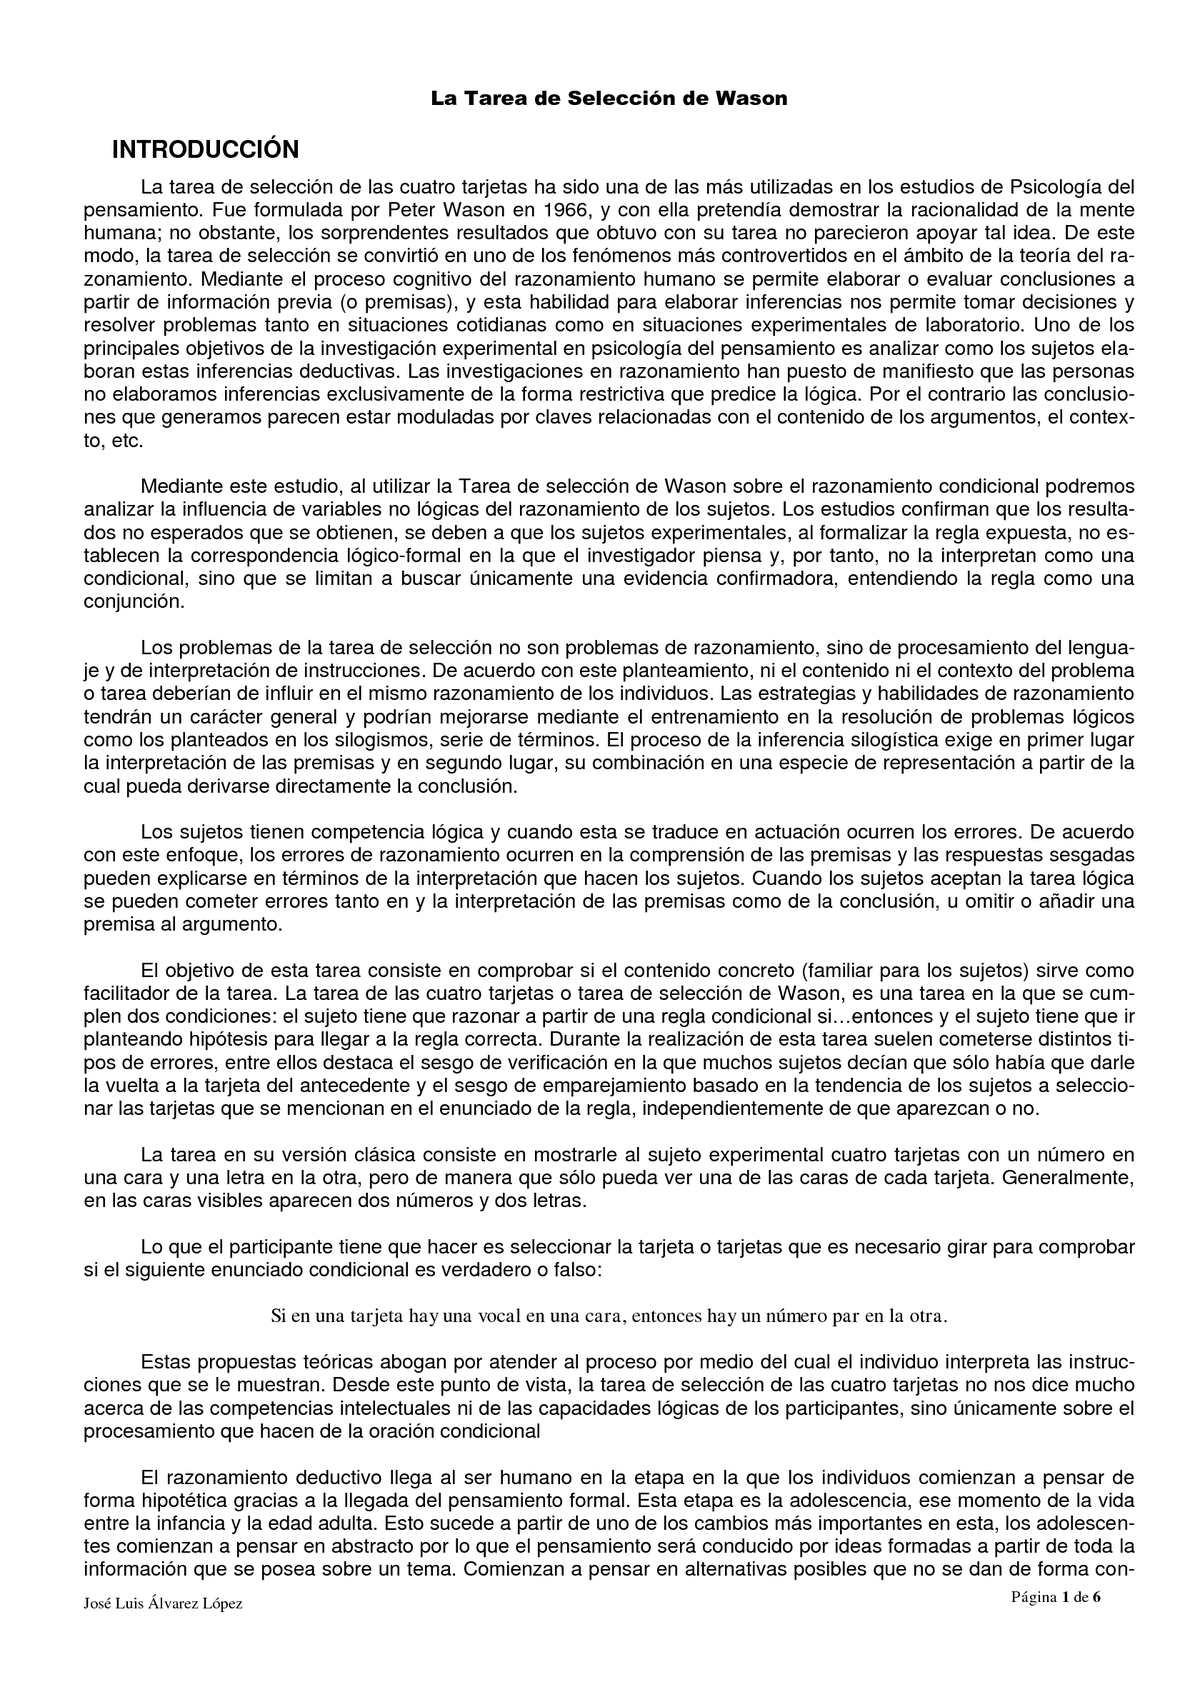 PEC_La Tarea de Selección de Wason_José Luis Álvarez López